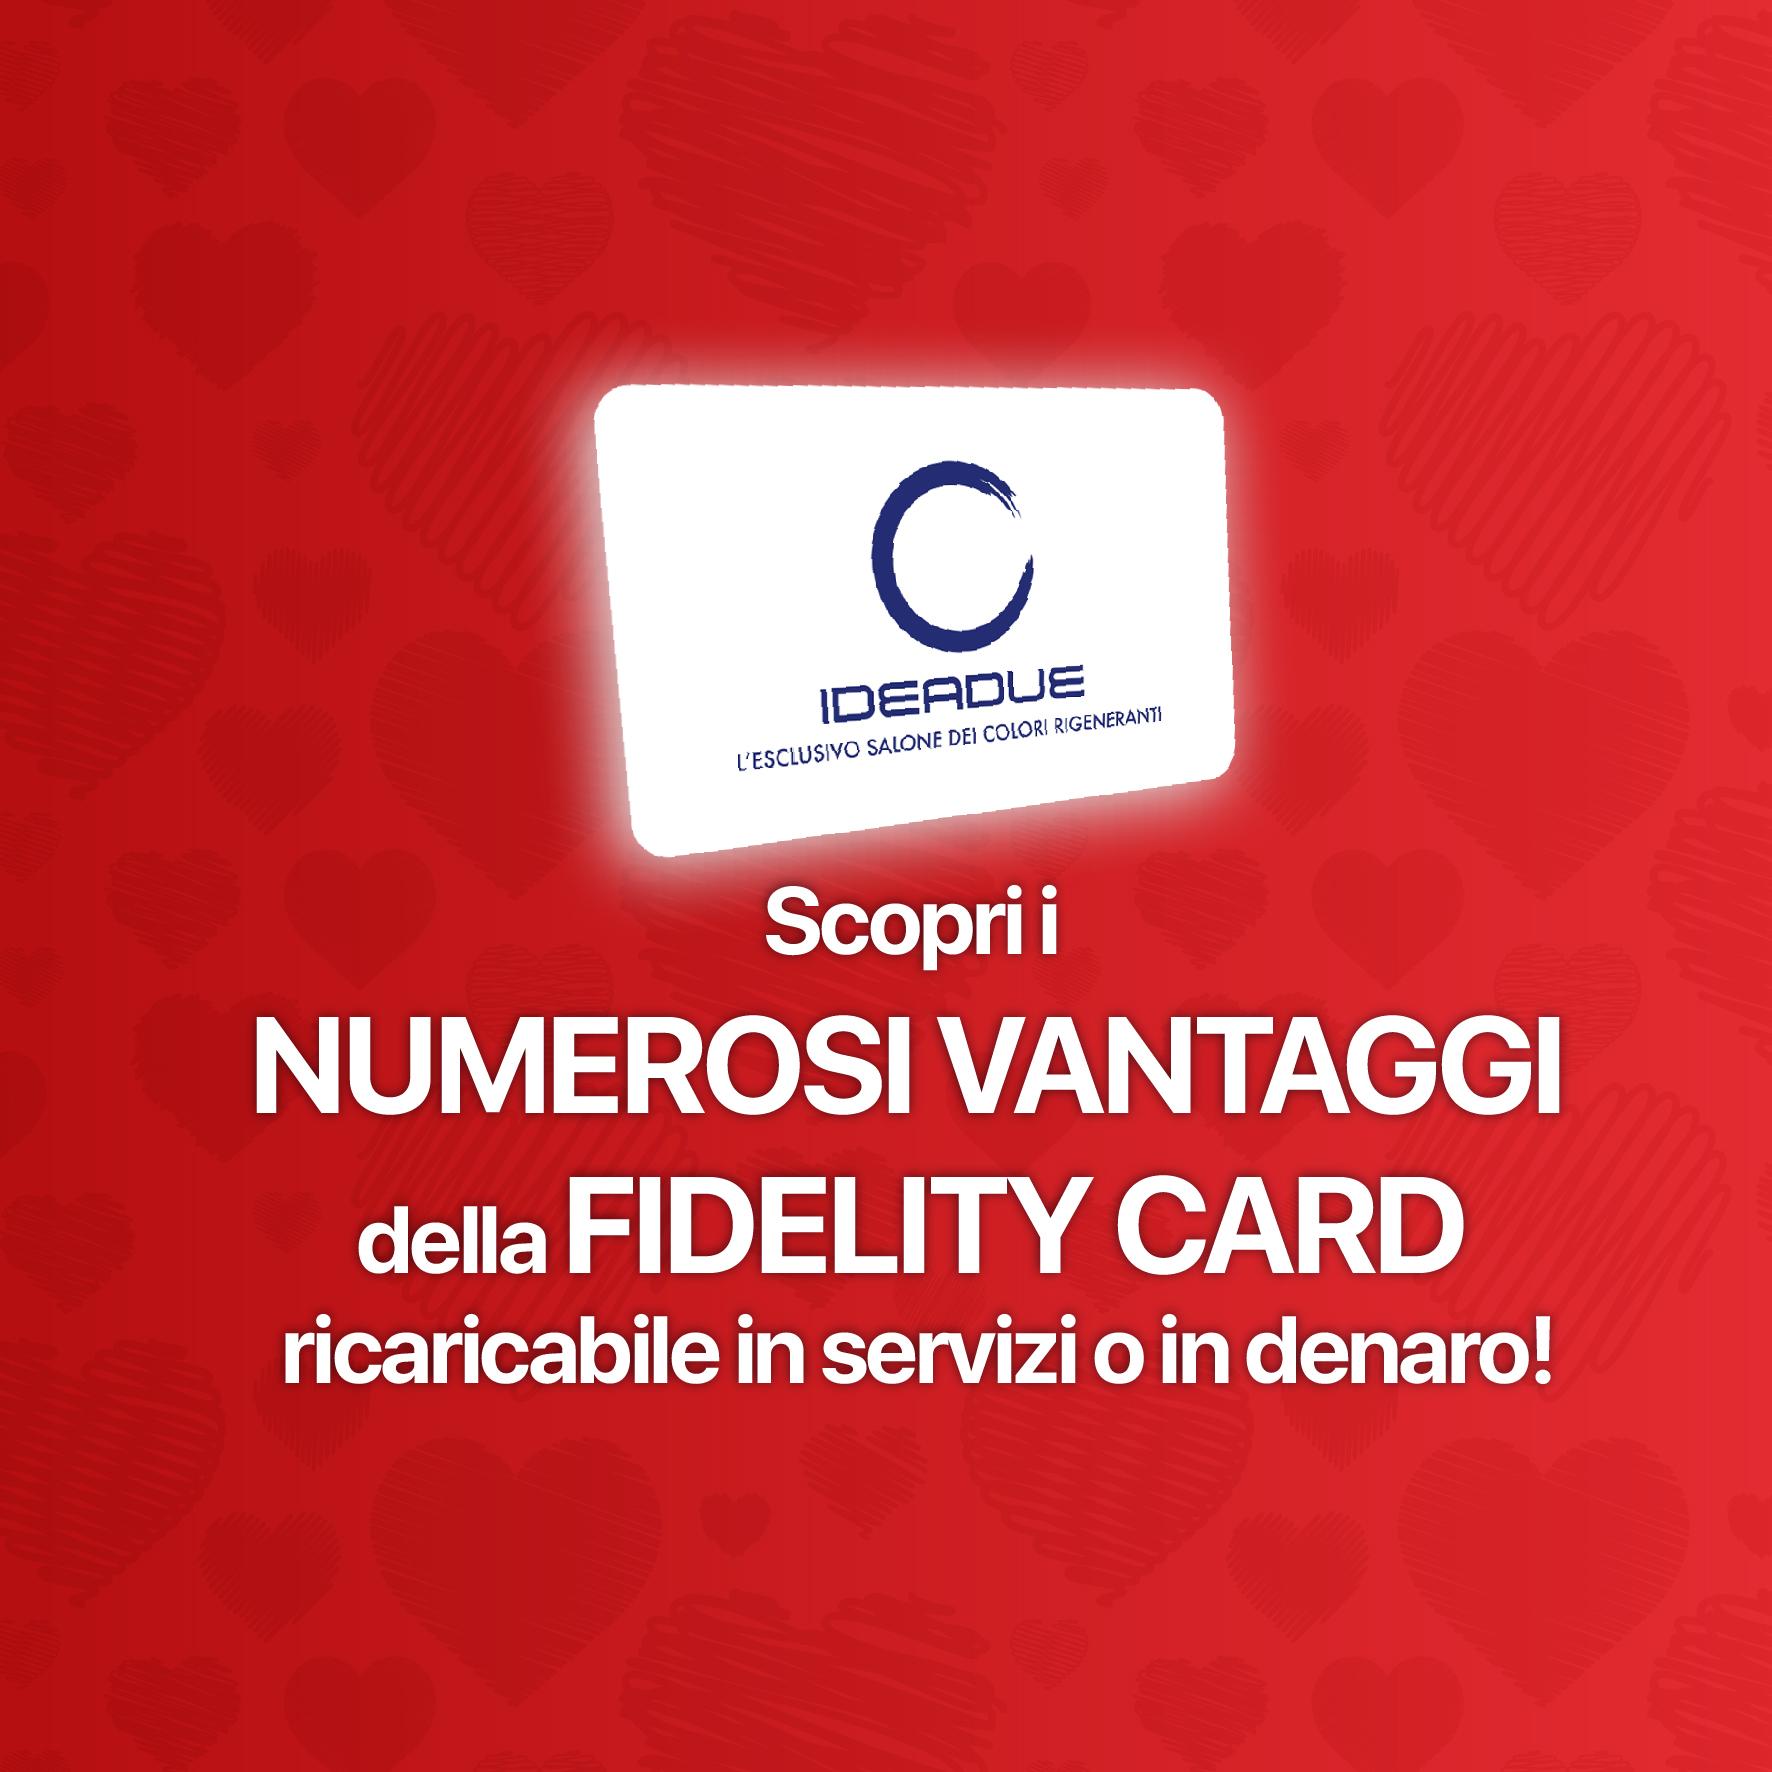 Fidelity Card - Scopri i numerosi vantaggi della fidelity card ricaricabile in servizi o in denaro!